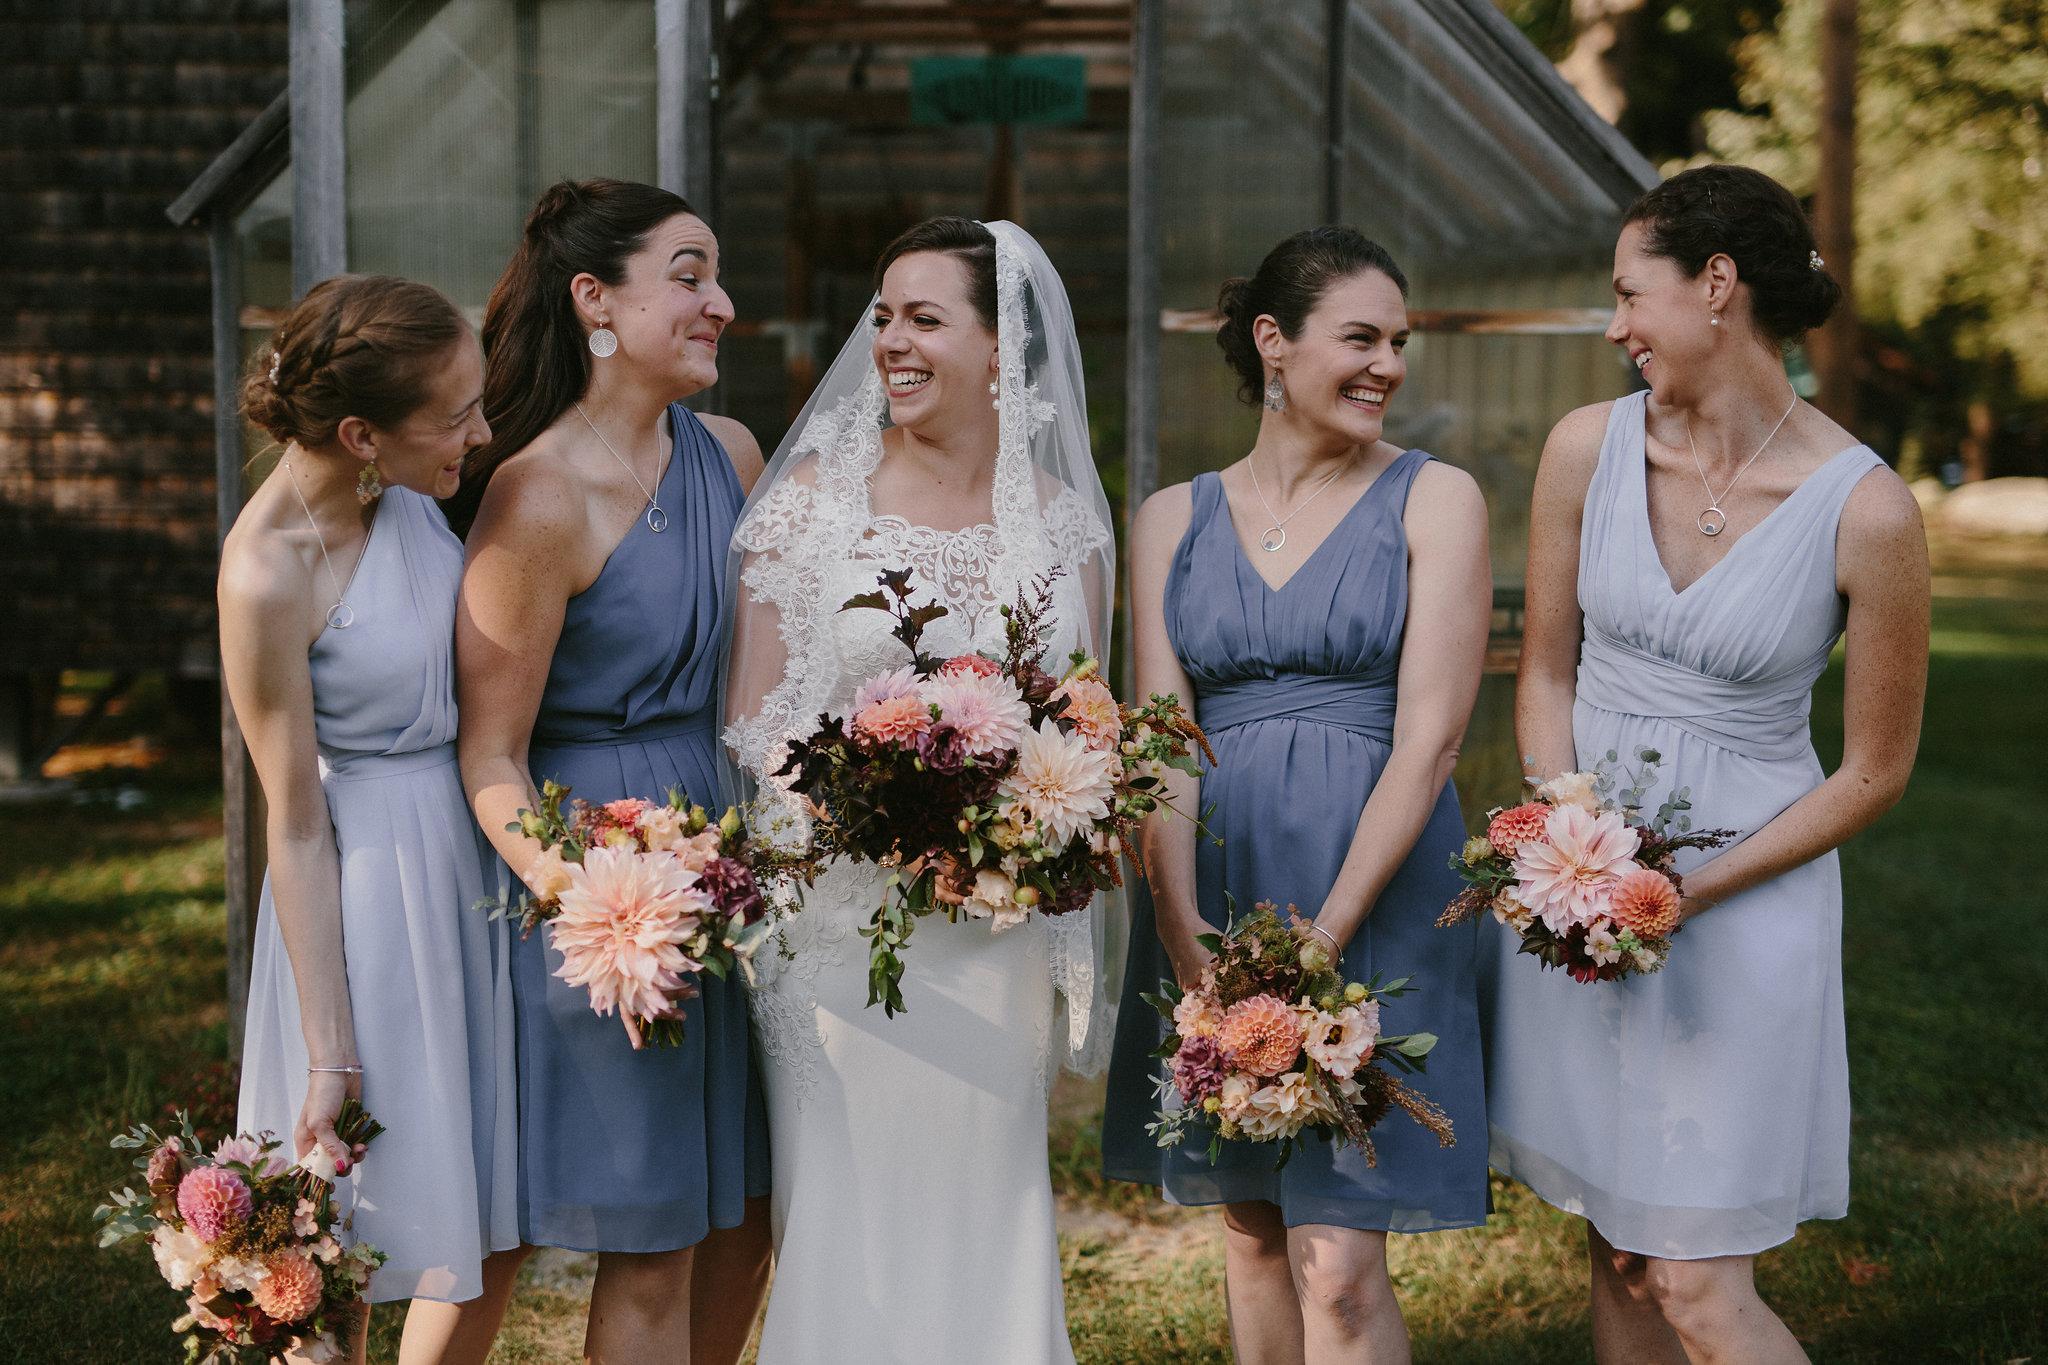 gaddes-jablonowski-wedding-520.jpg